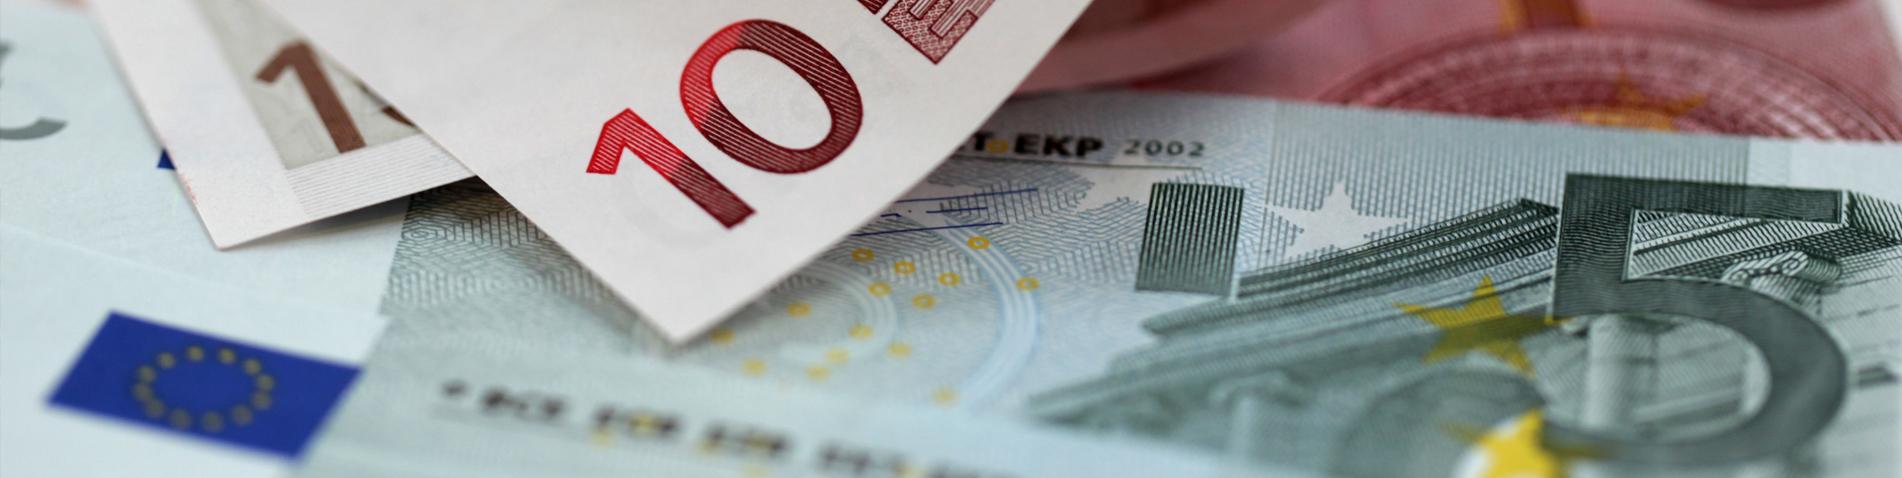 Гражданство за инвестиции: роскошь или необходимость?